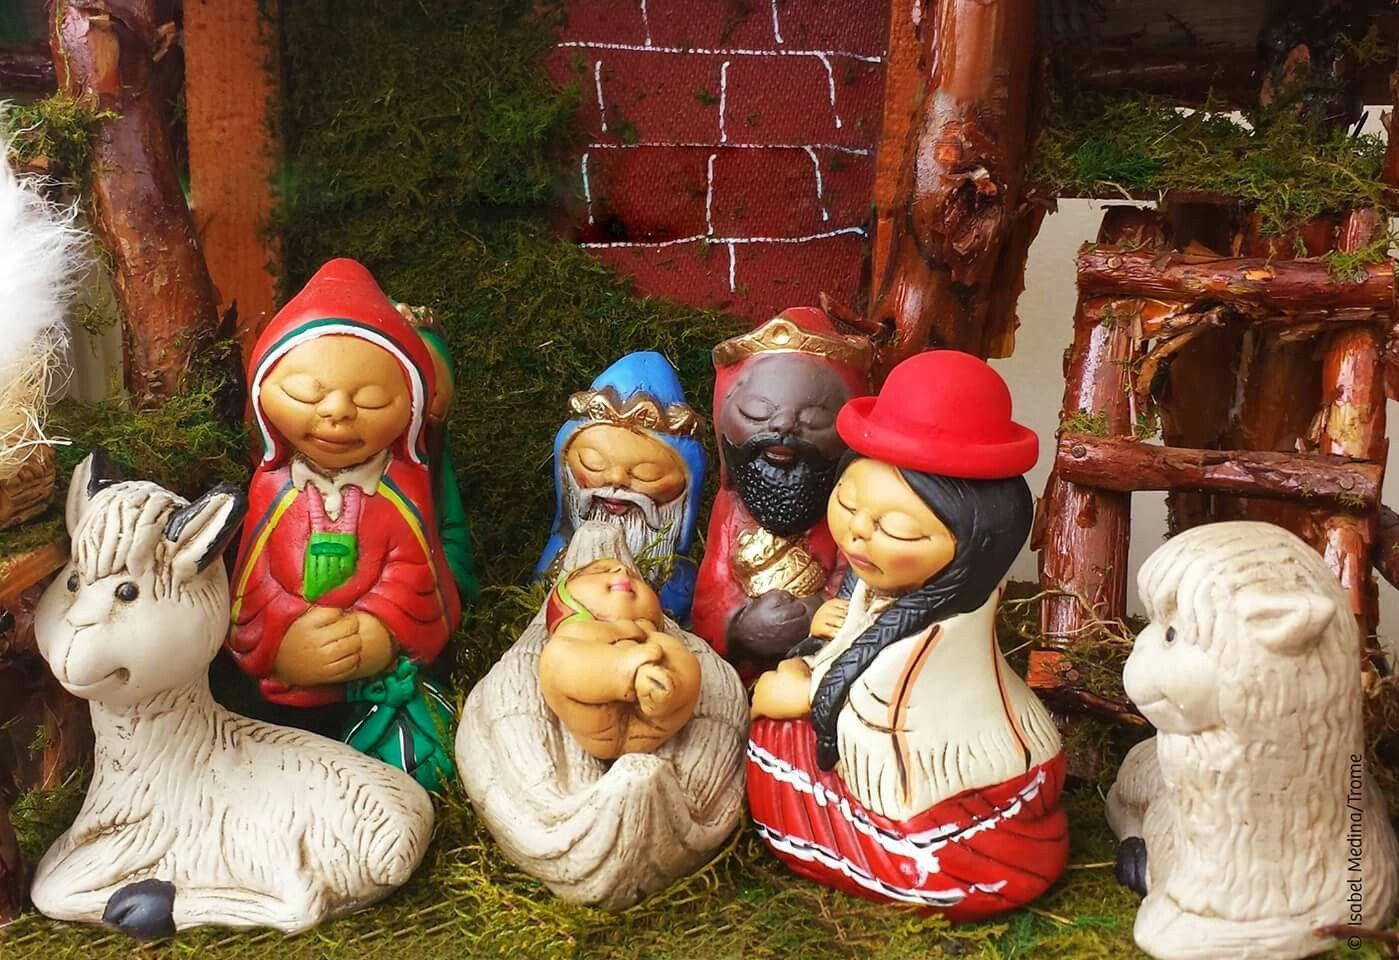 Pin de Barón Barragan en FE: Celebración de la Navidad nacimiento de ...